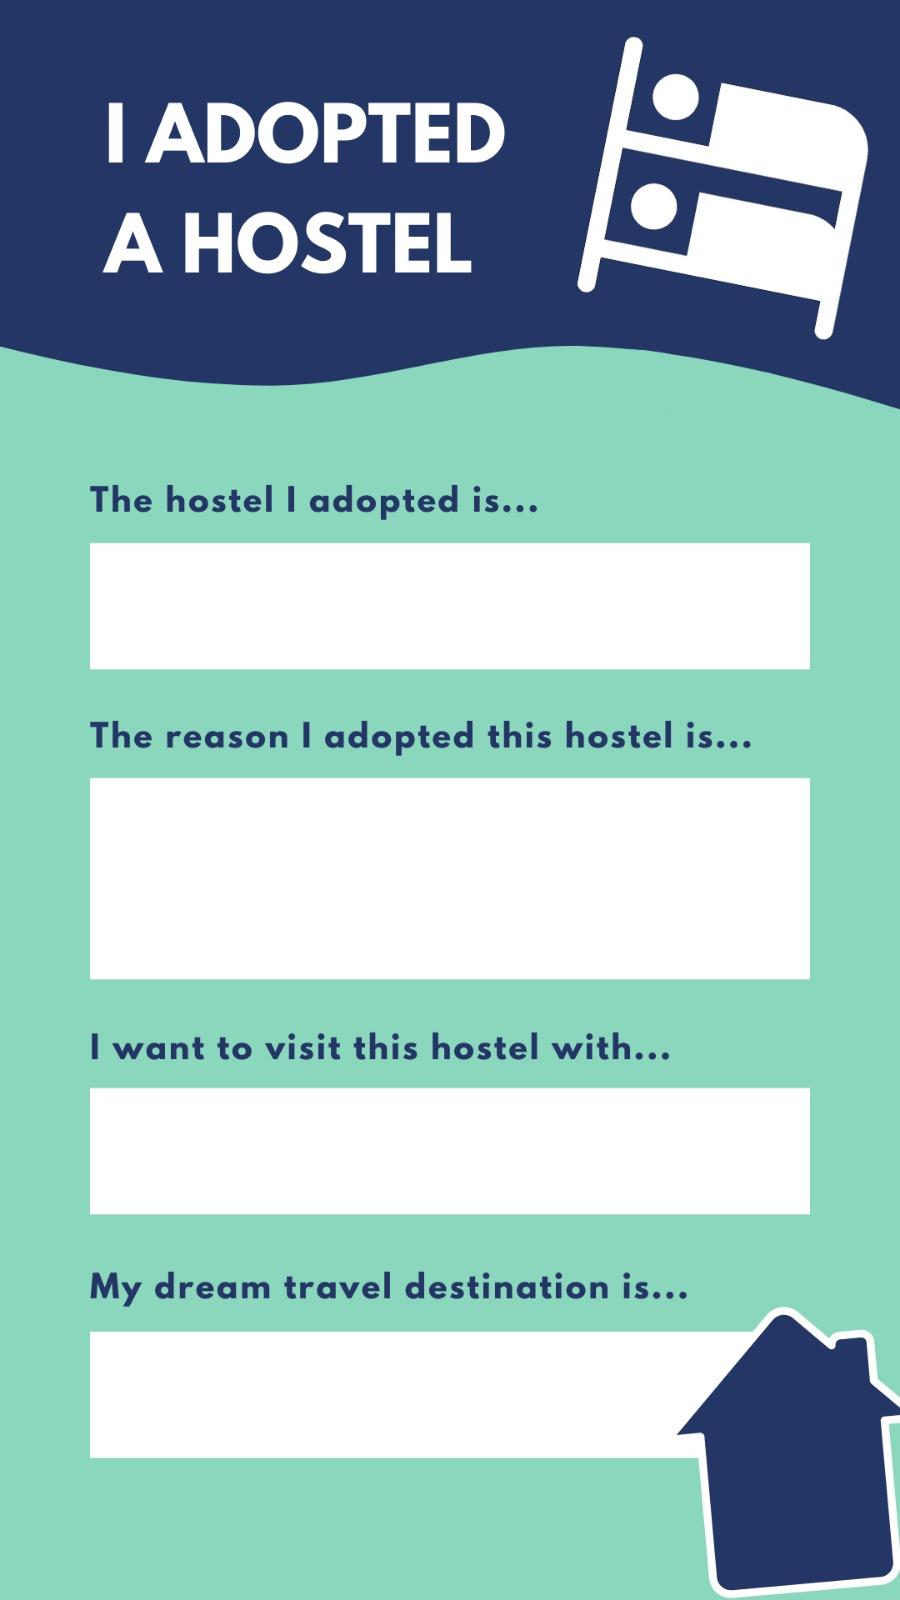 Adpot a Hostel Instagram template!